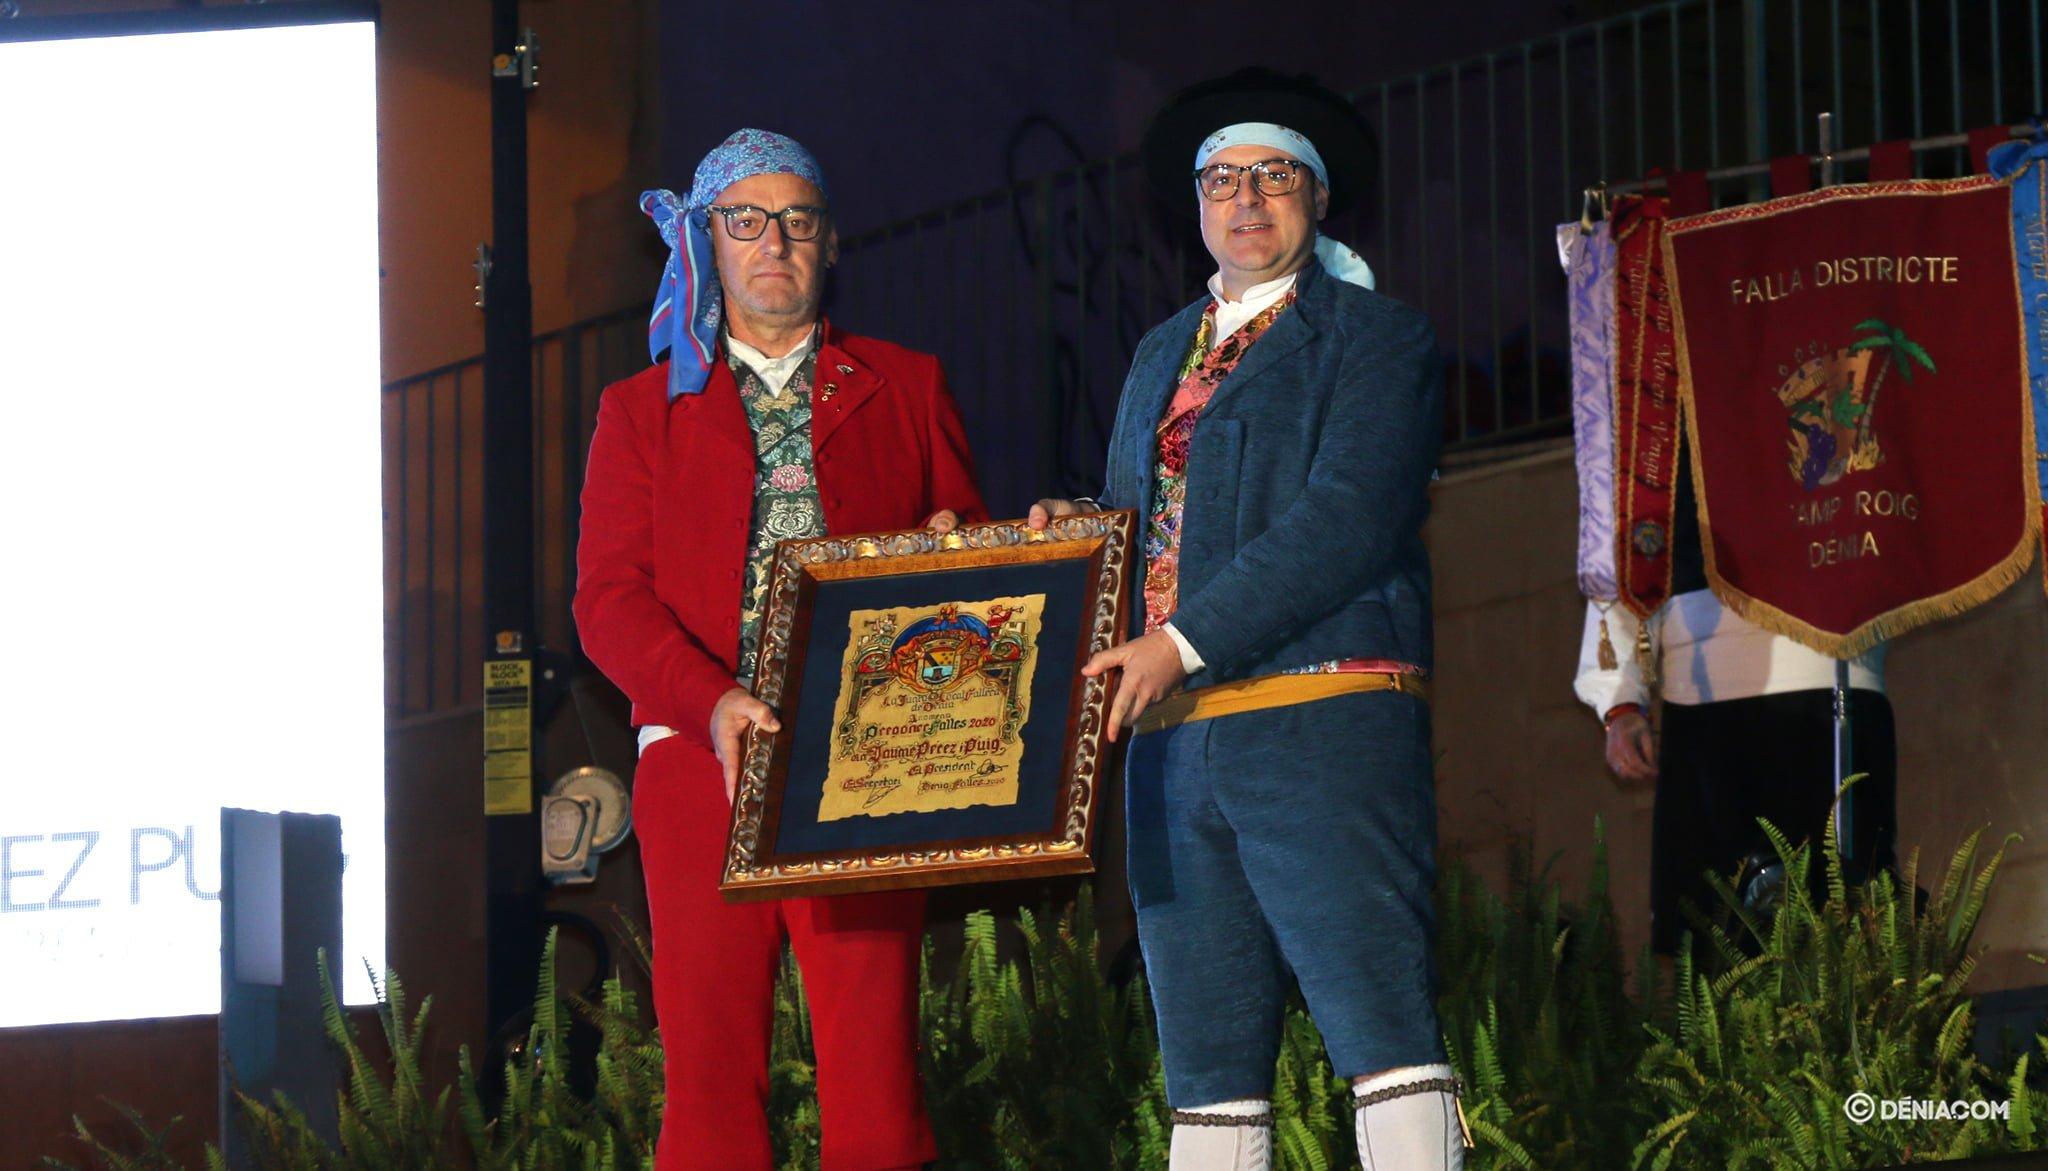 El presidente de la Junta Local Fallera hace entrega del diploma al pregonero 2020